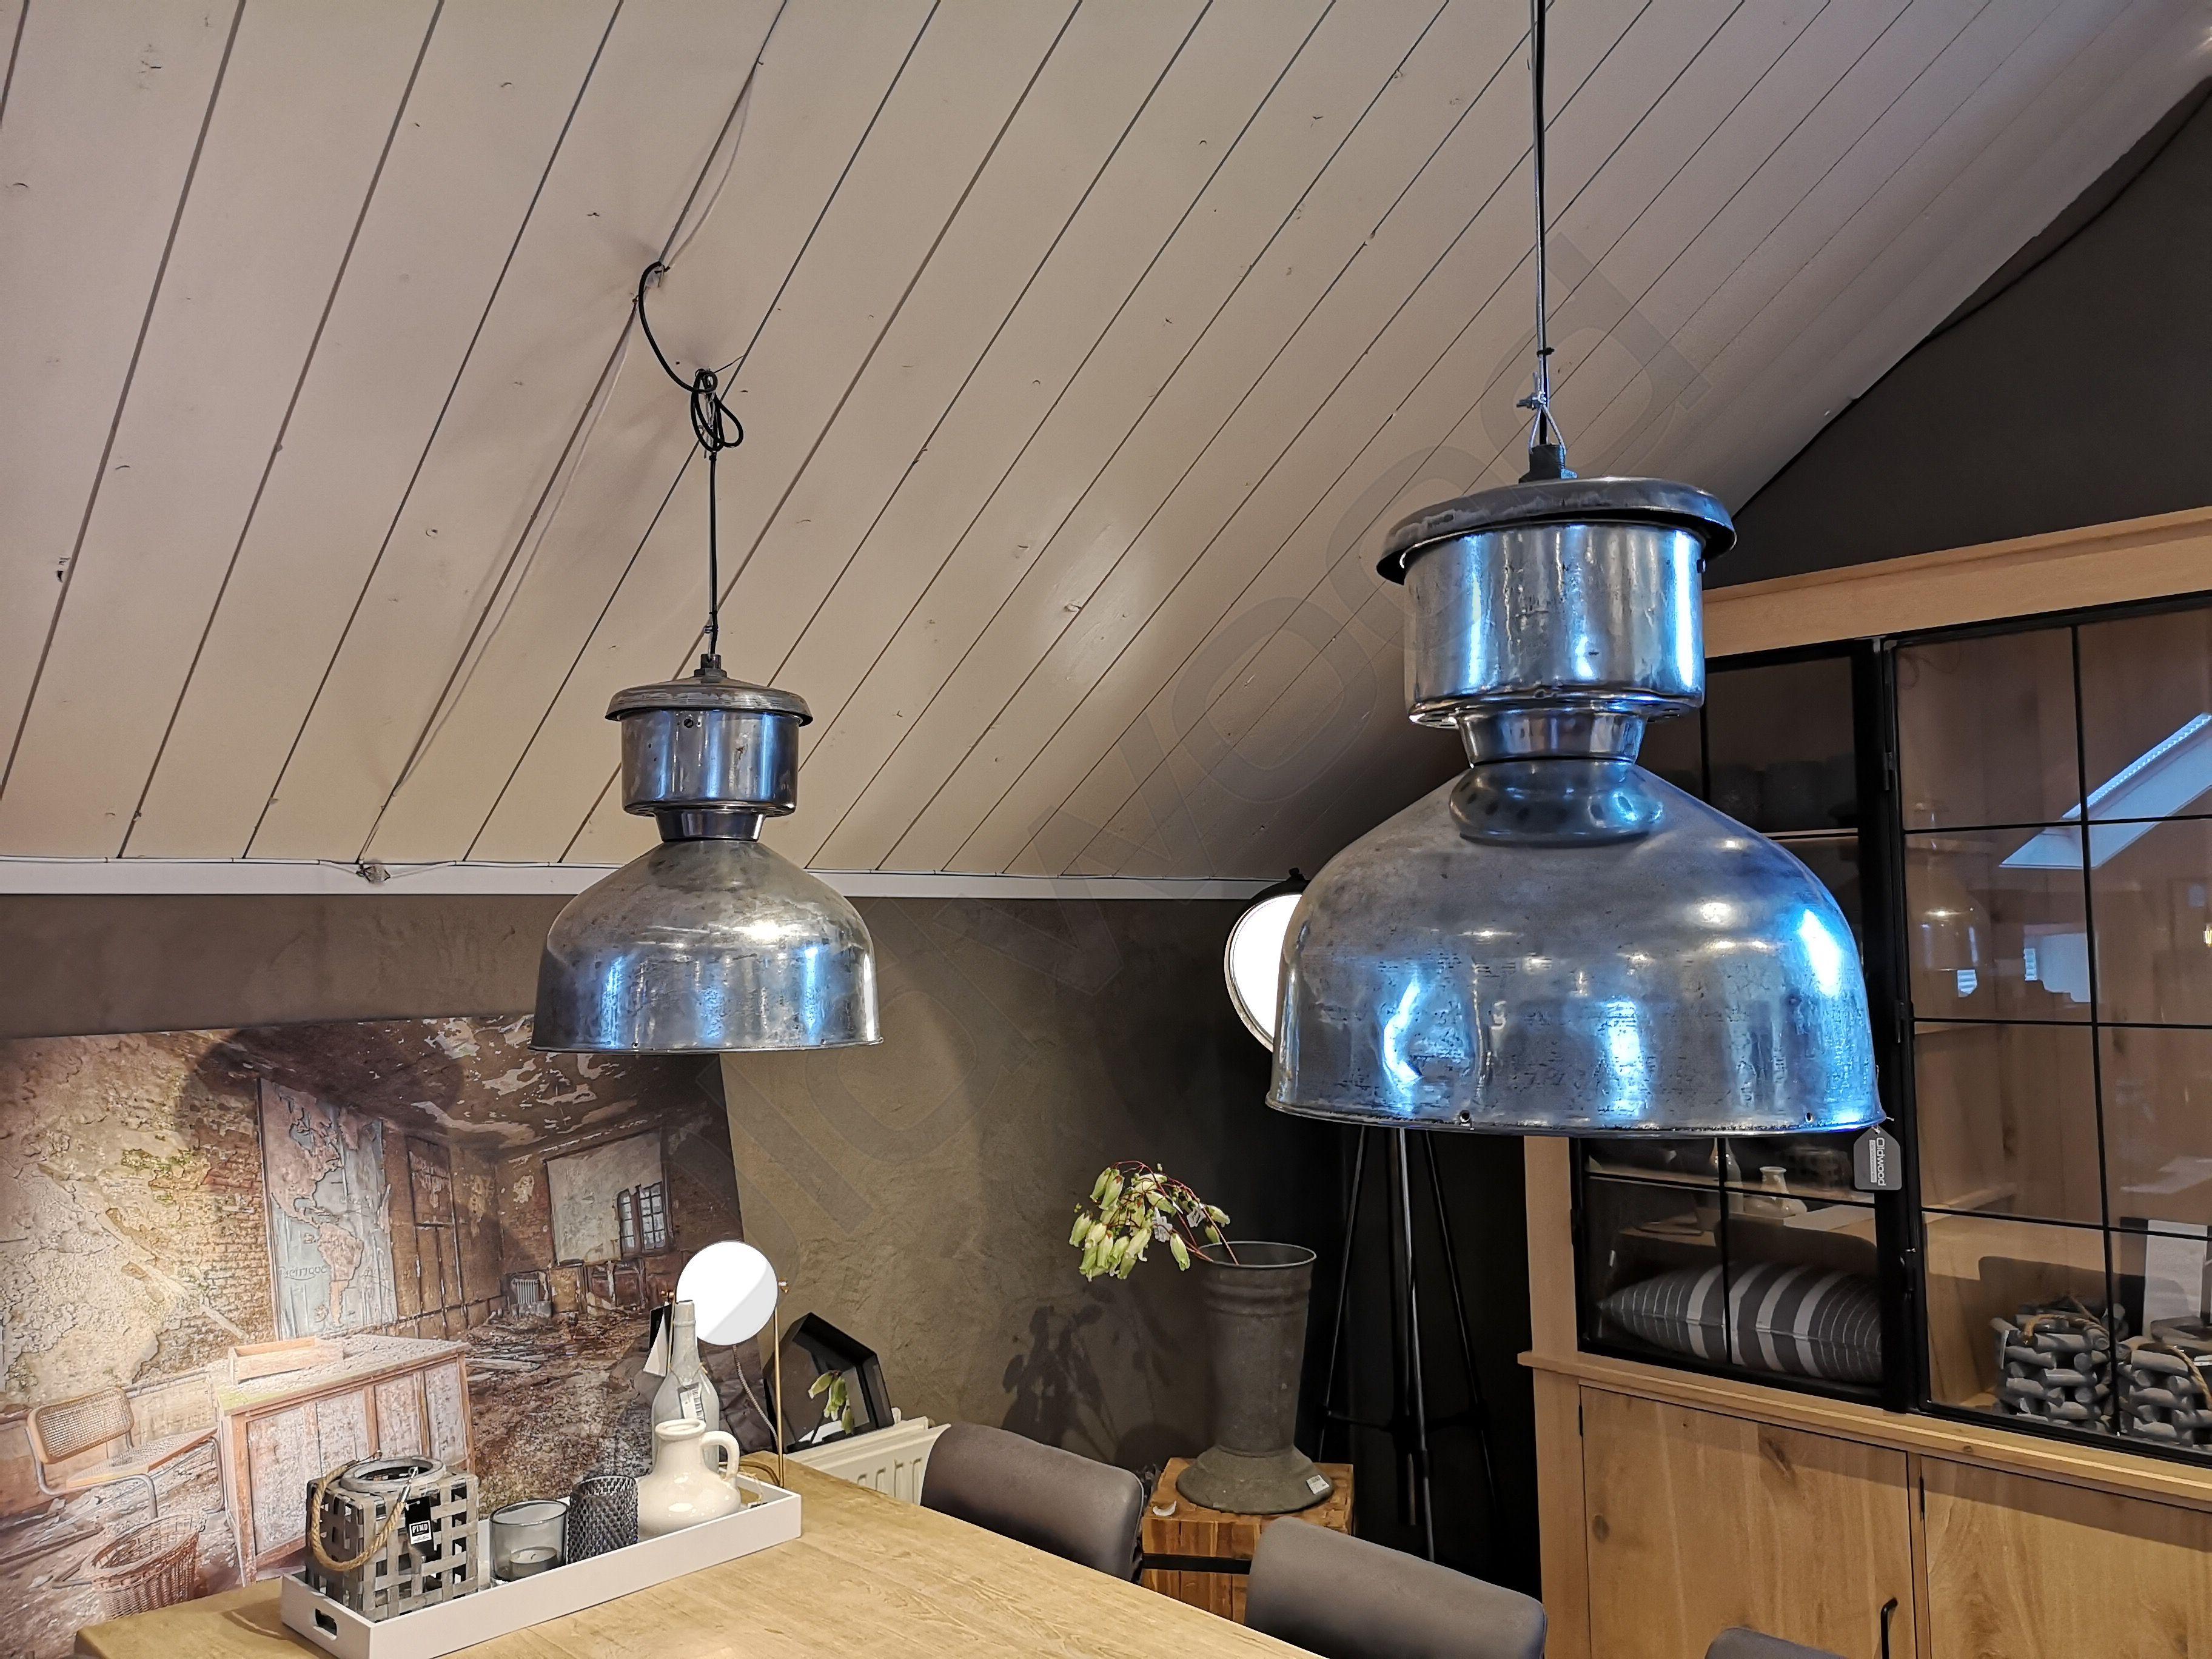 Oude Industriele Lampen : Deze oude industriële lamp uit frankrijk is verchroomd wat de